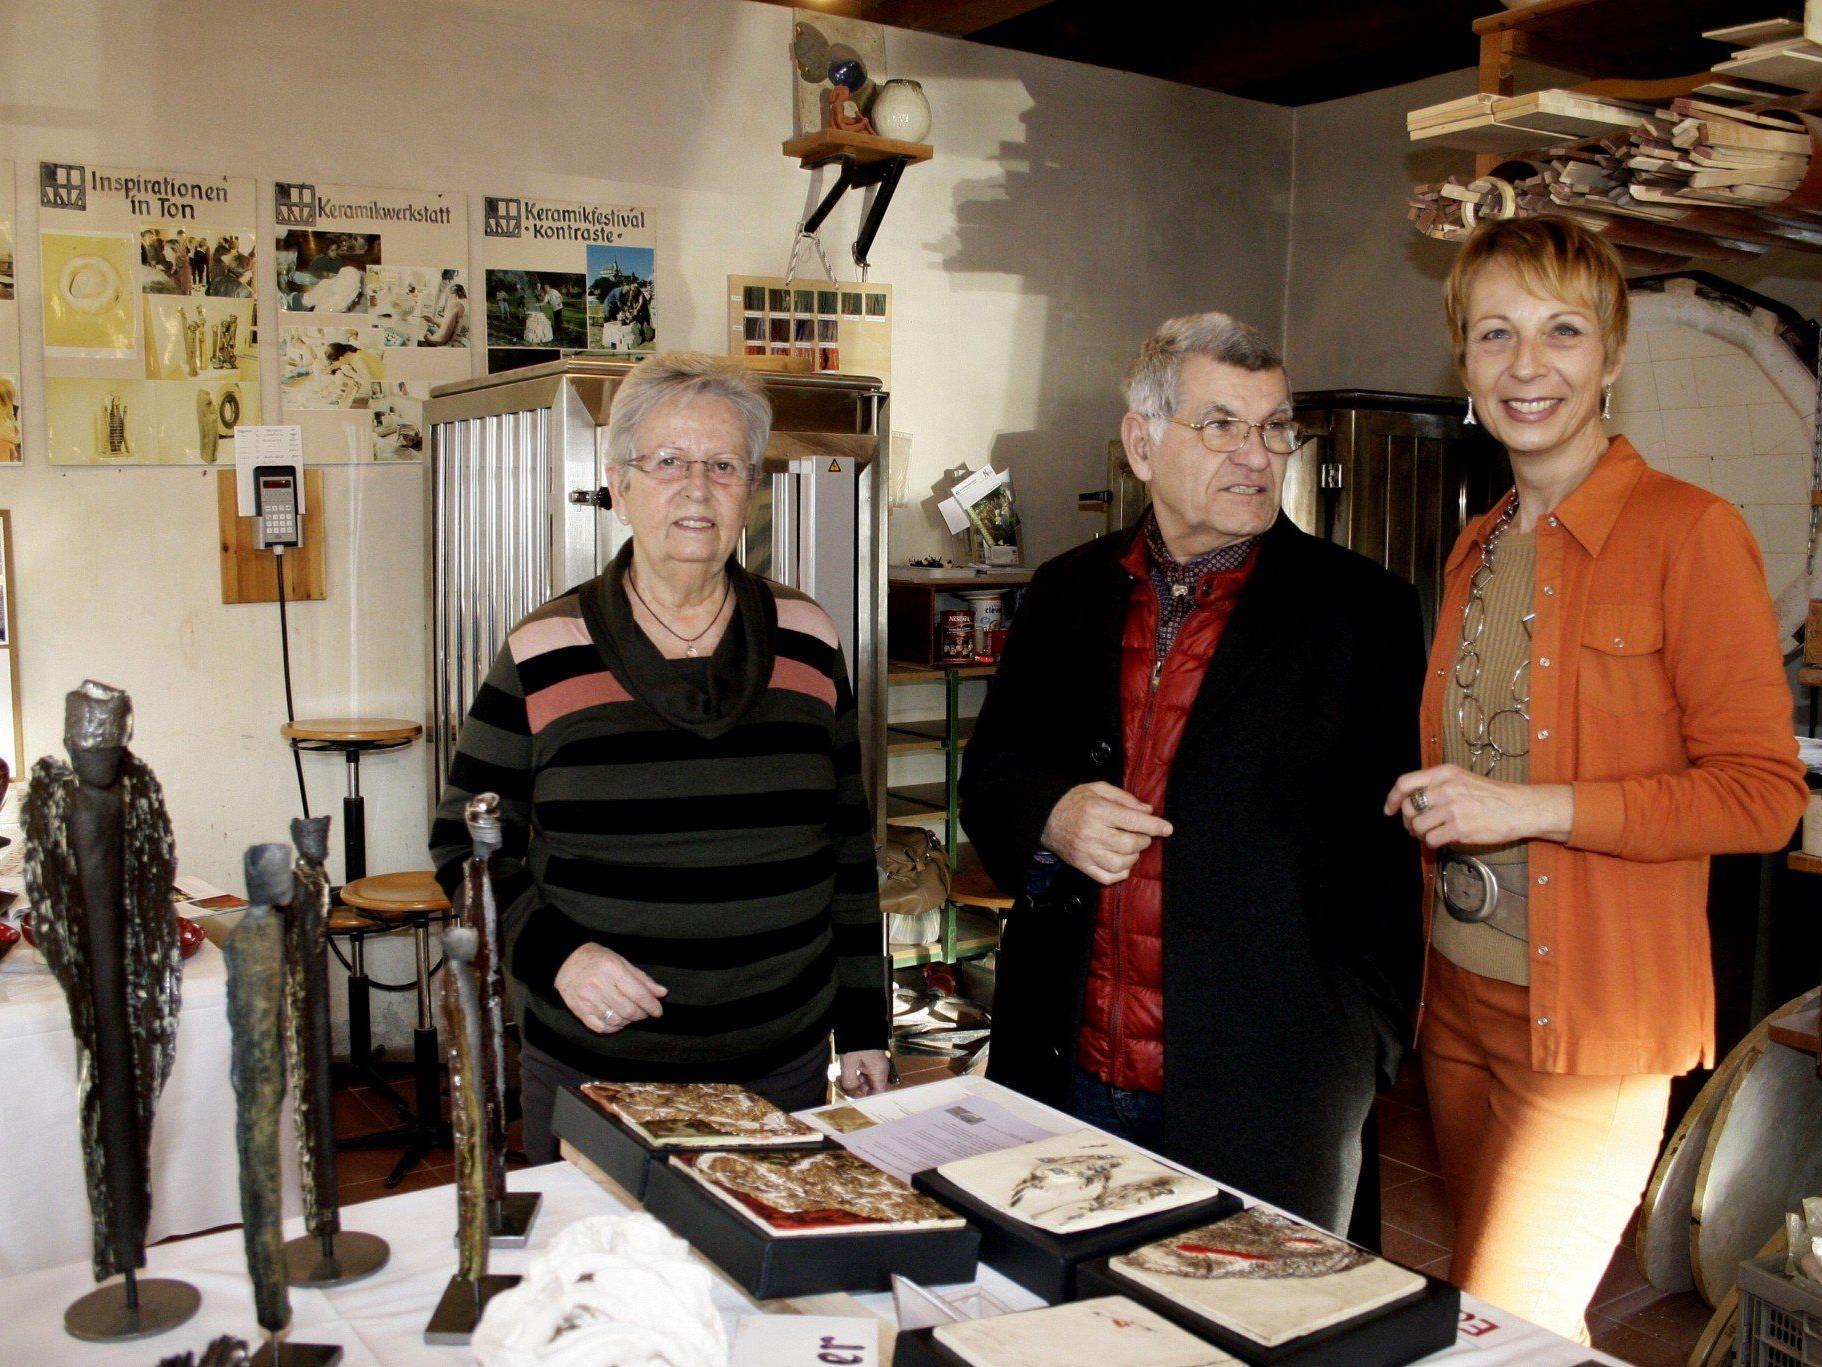 Die Keramikwerkstatt ist das Herzstück des Schlosserhus, mit Seminarleiterin Edeltraud Kräutler-Nagler (r.) und Erika Schleinitz (li.).